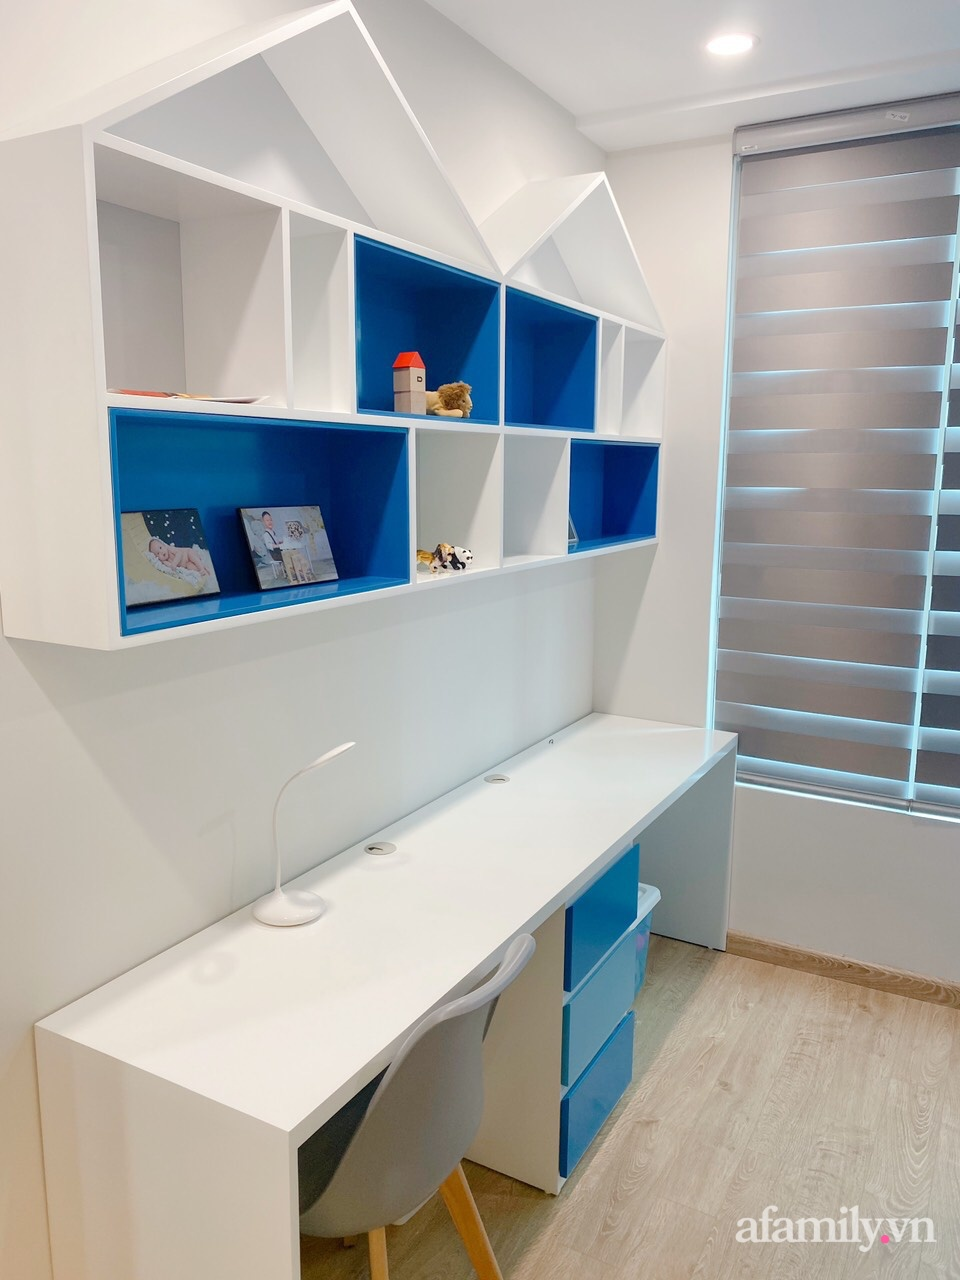 Căn hộ 92m² đong đầy hạnh phúc với nội thất đơn giản, hiện đại của vợ chồng trẻ Hà Nội - Ảnh 19.